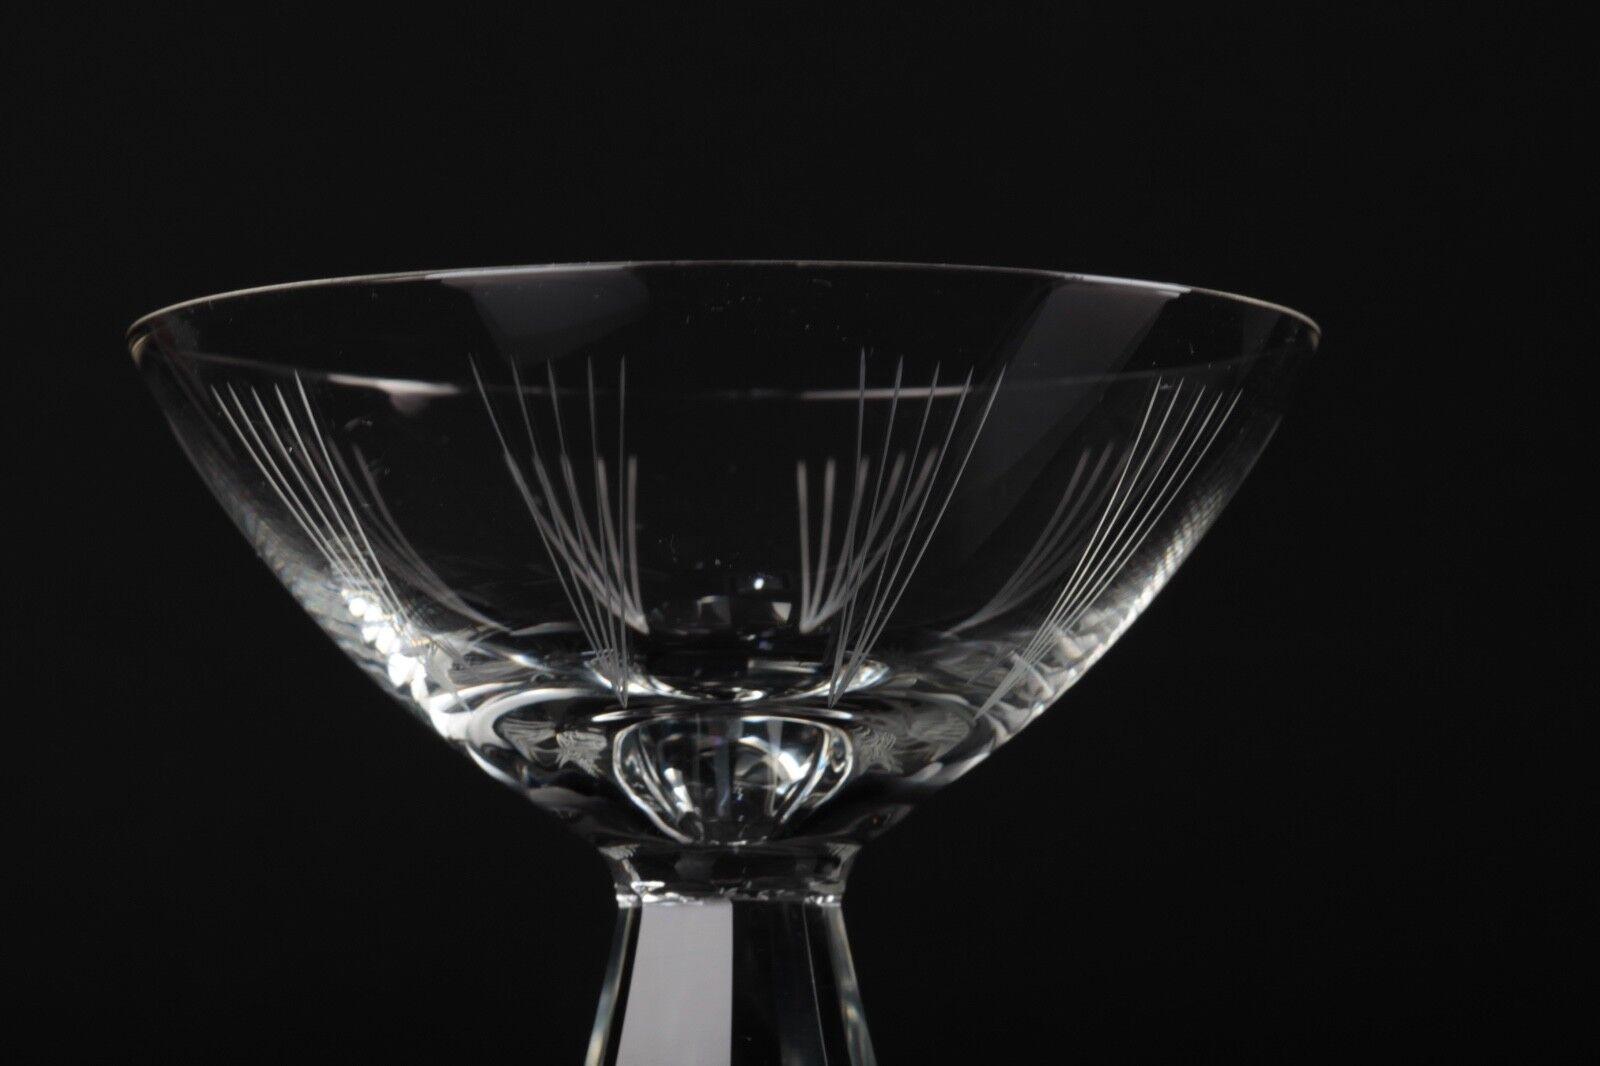 2 Sektschalen Sektgläser Friedrich Kristall Glas Vintage 60er 60s Linien Linien Linien Garvur 3c0668